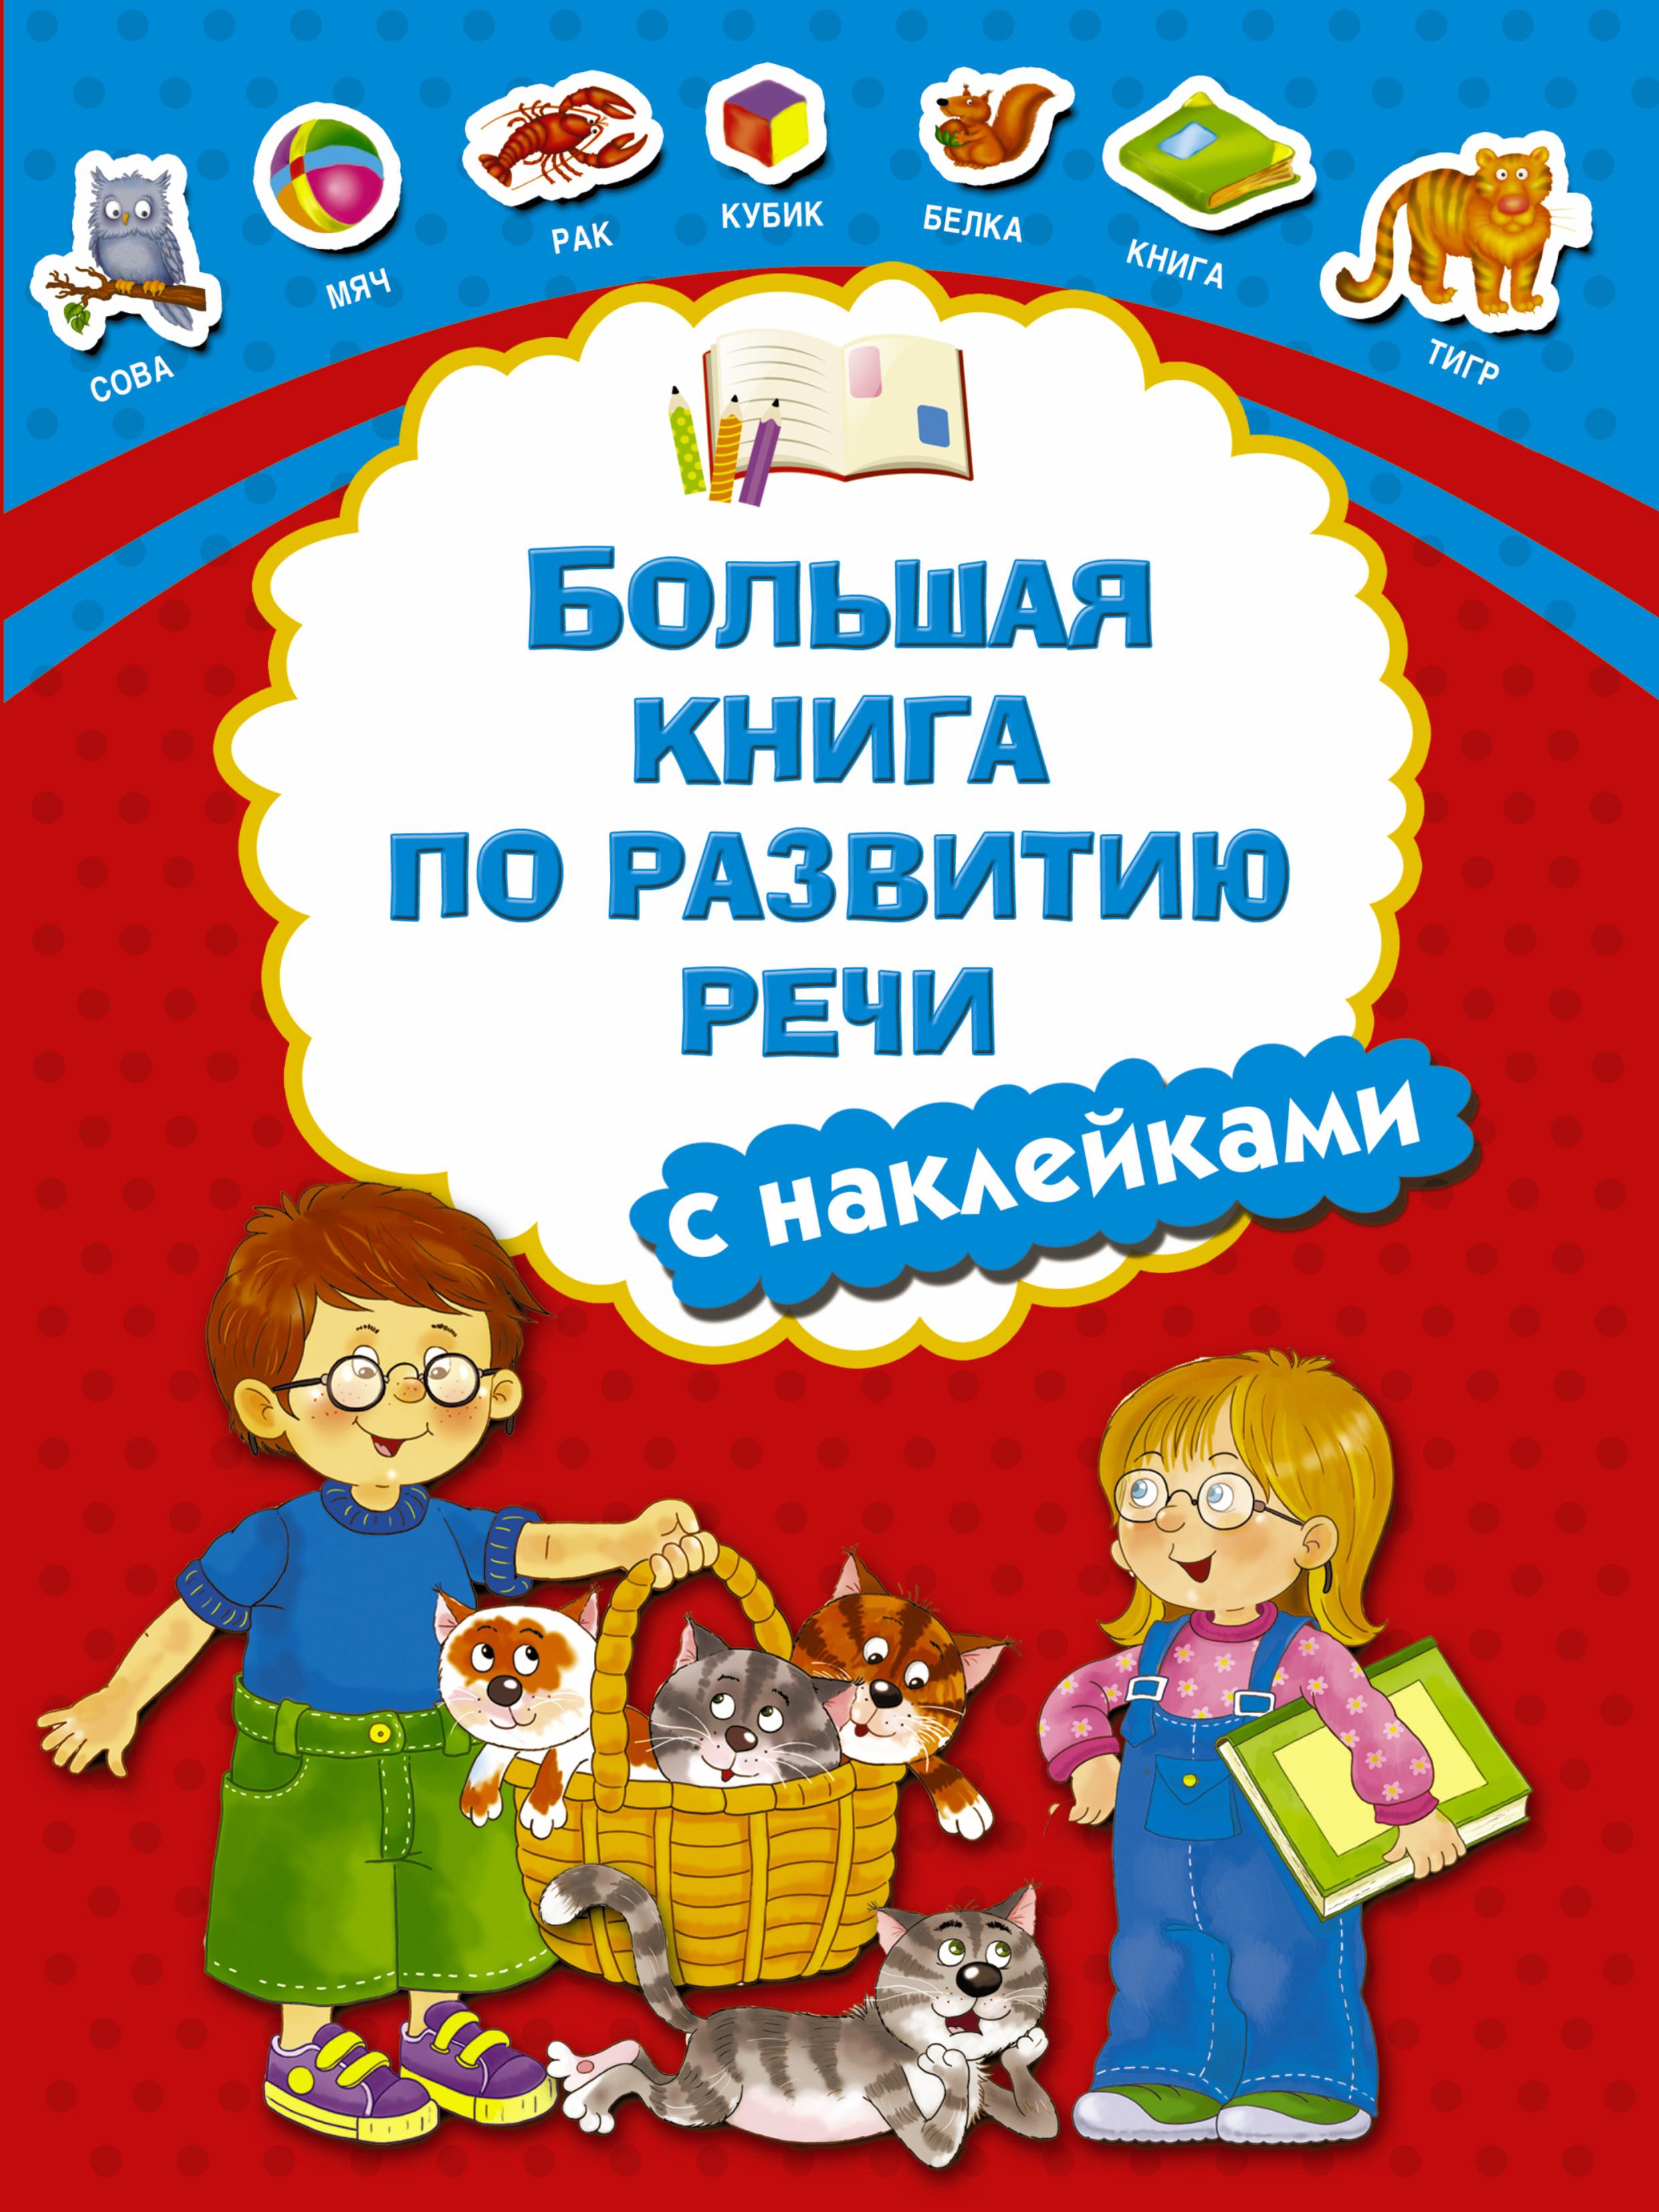 Большая книга по развитию речи с наклейками